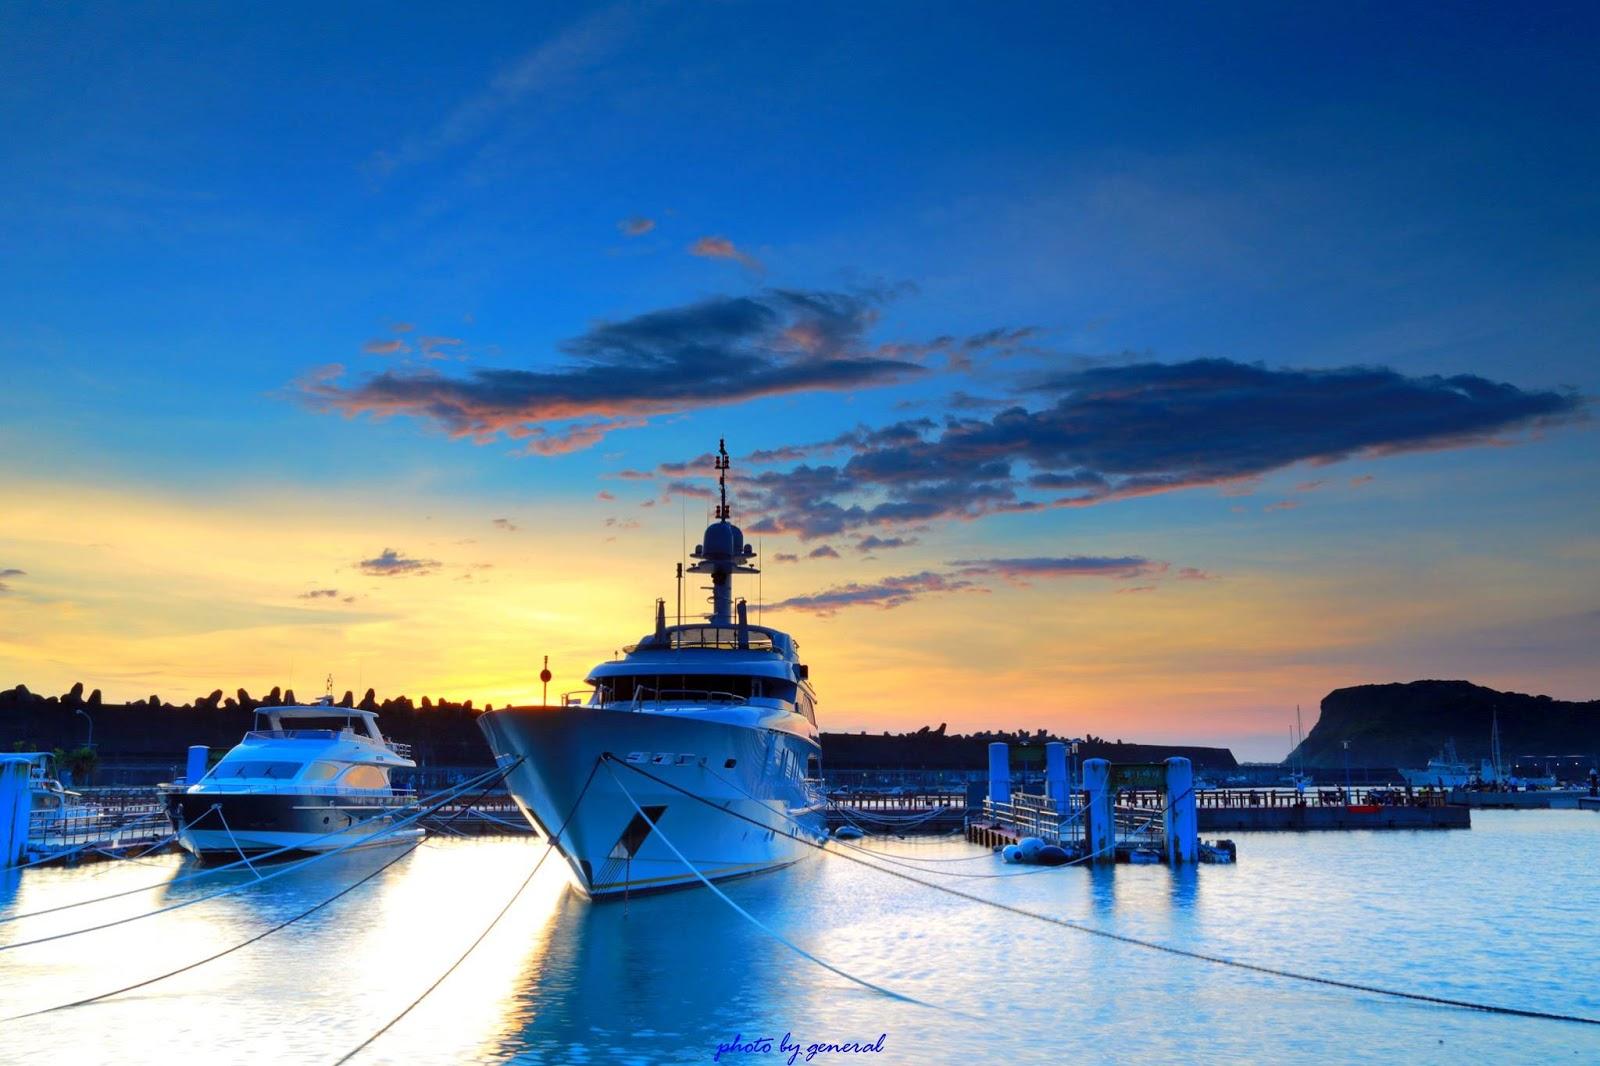 八斗子觀光漁港